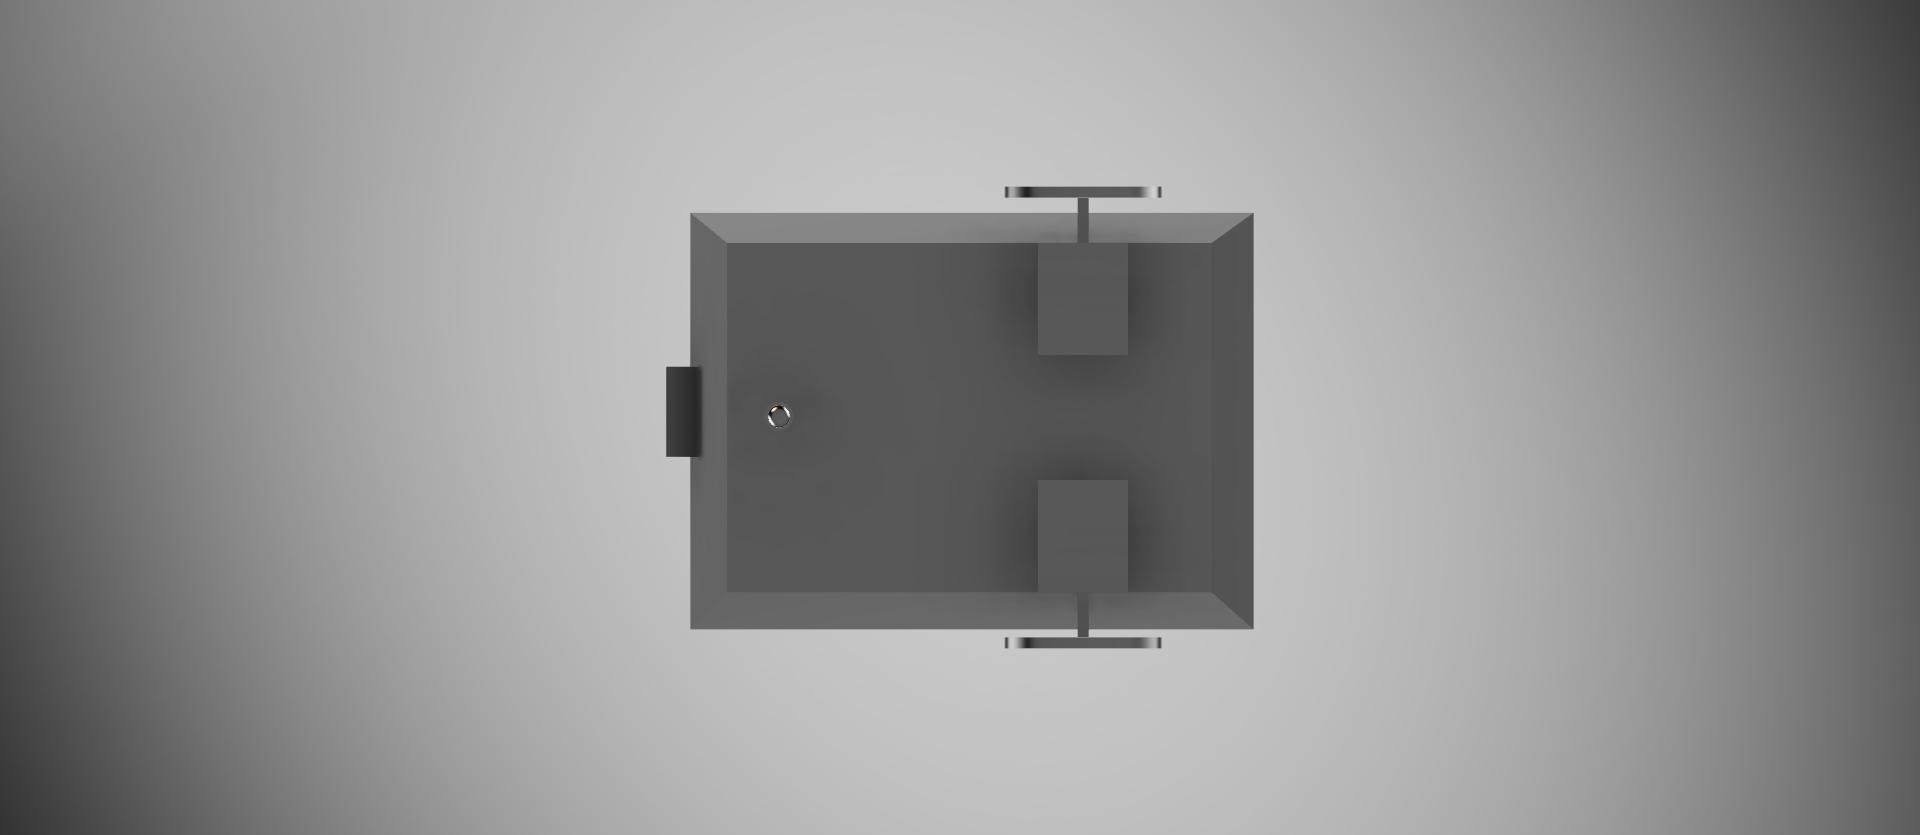 Rendered CAD Model - Bottom